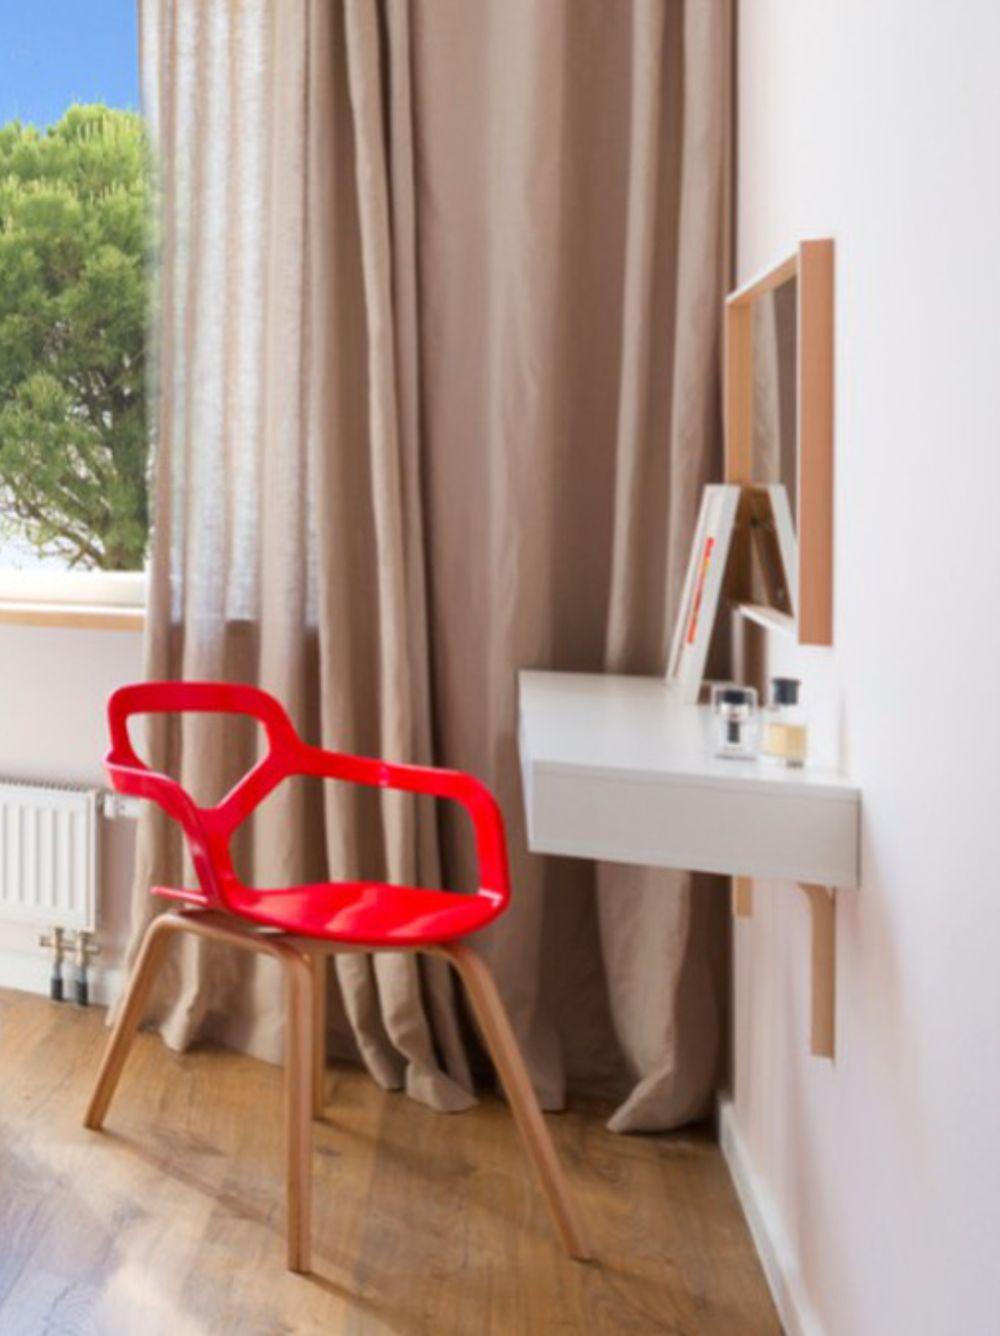 În dormitorul matrimonial s-a dorit și o masă de toaletă. Aceasta este configurată foarte simplu cu un corp cu sertare suspendat și un scaun în zonă. Simplu, funcțional, dar plăcut estetic.